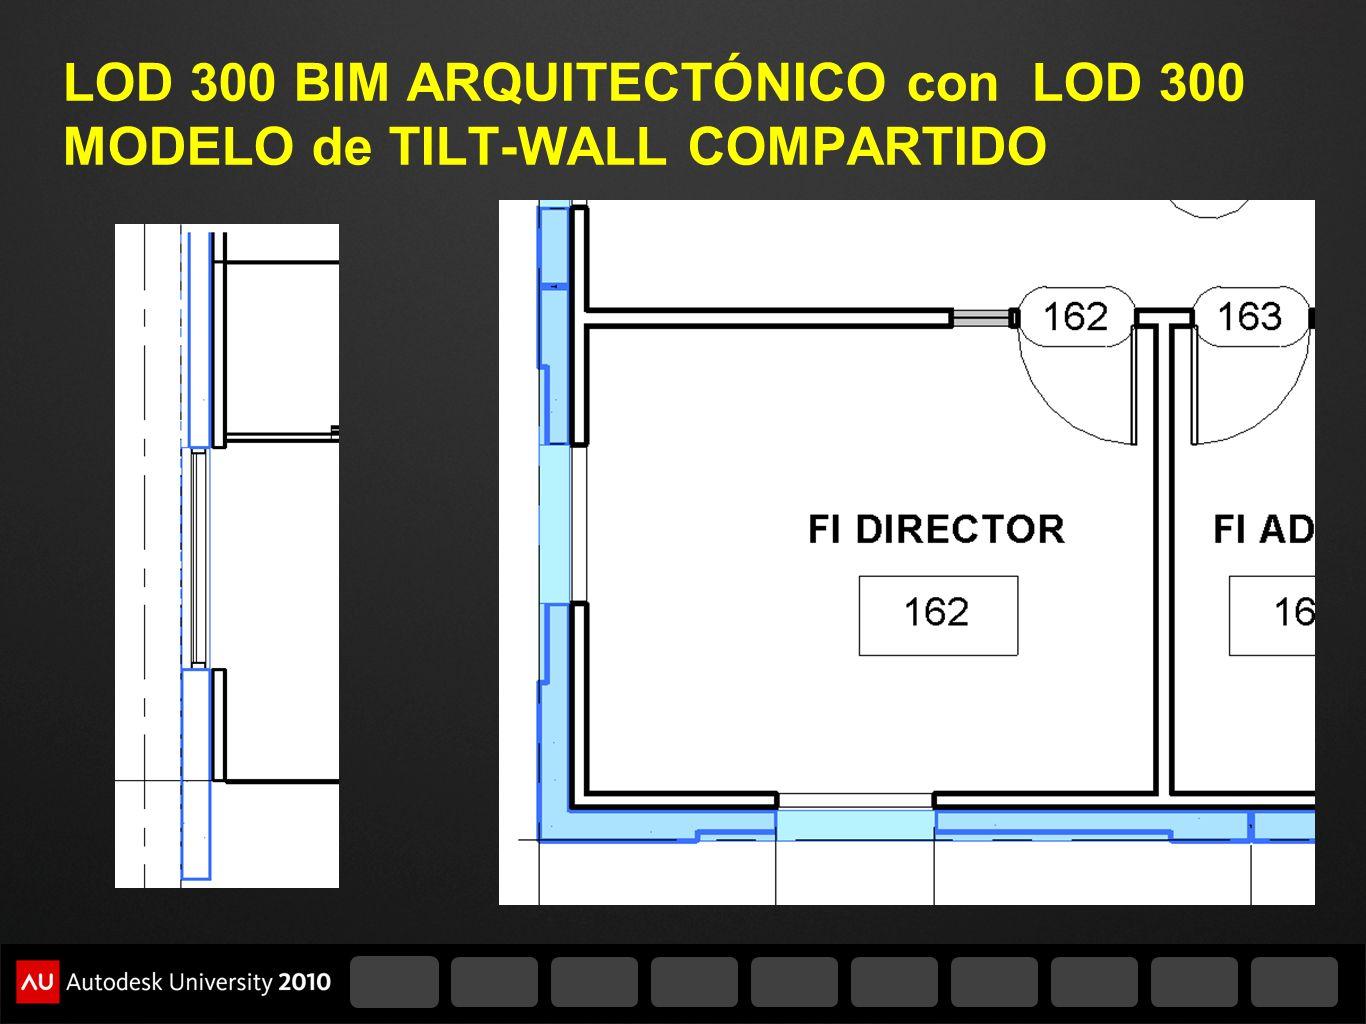 LOD 300 BIM ARQUITECTÓNICO con LOD 300 MODELO de TILT-WALL COMPARTIDO